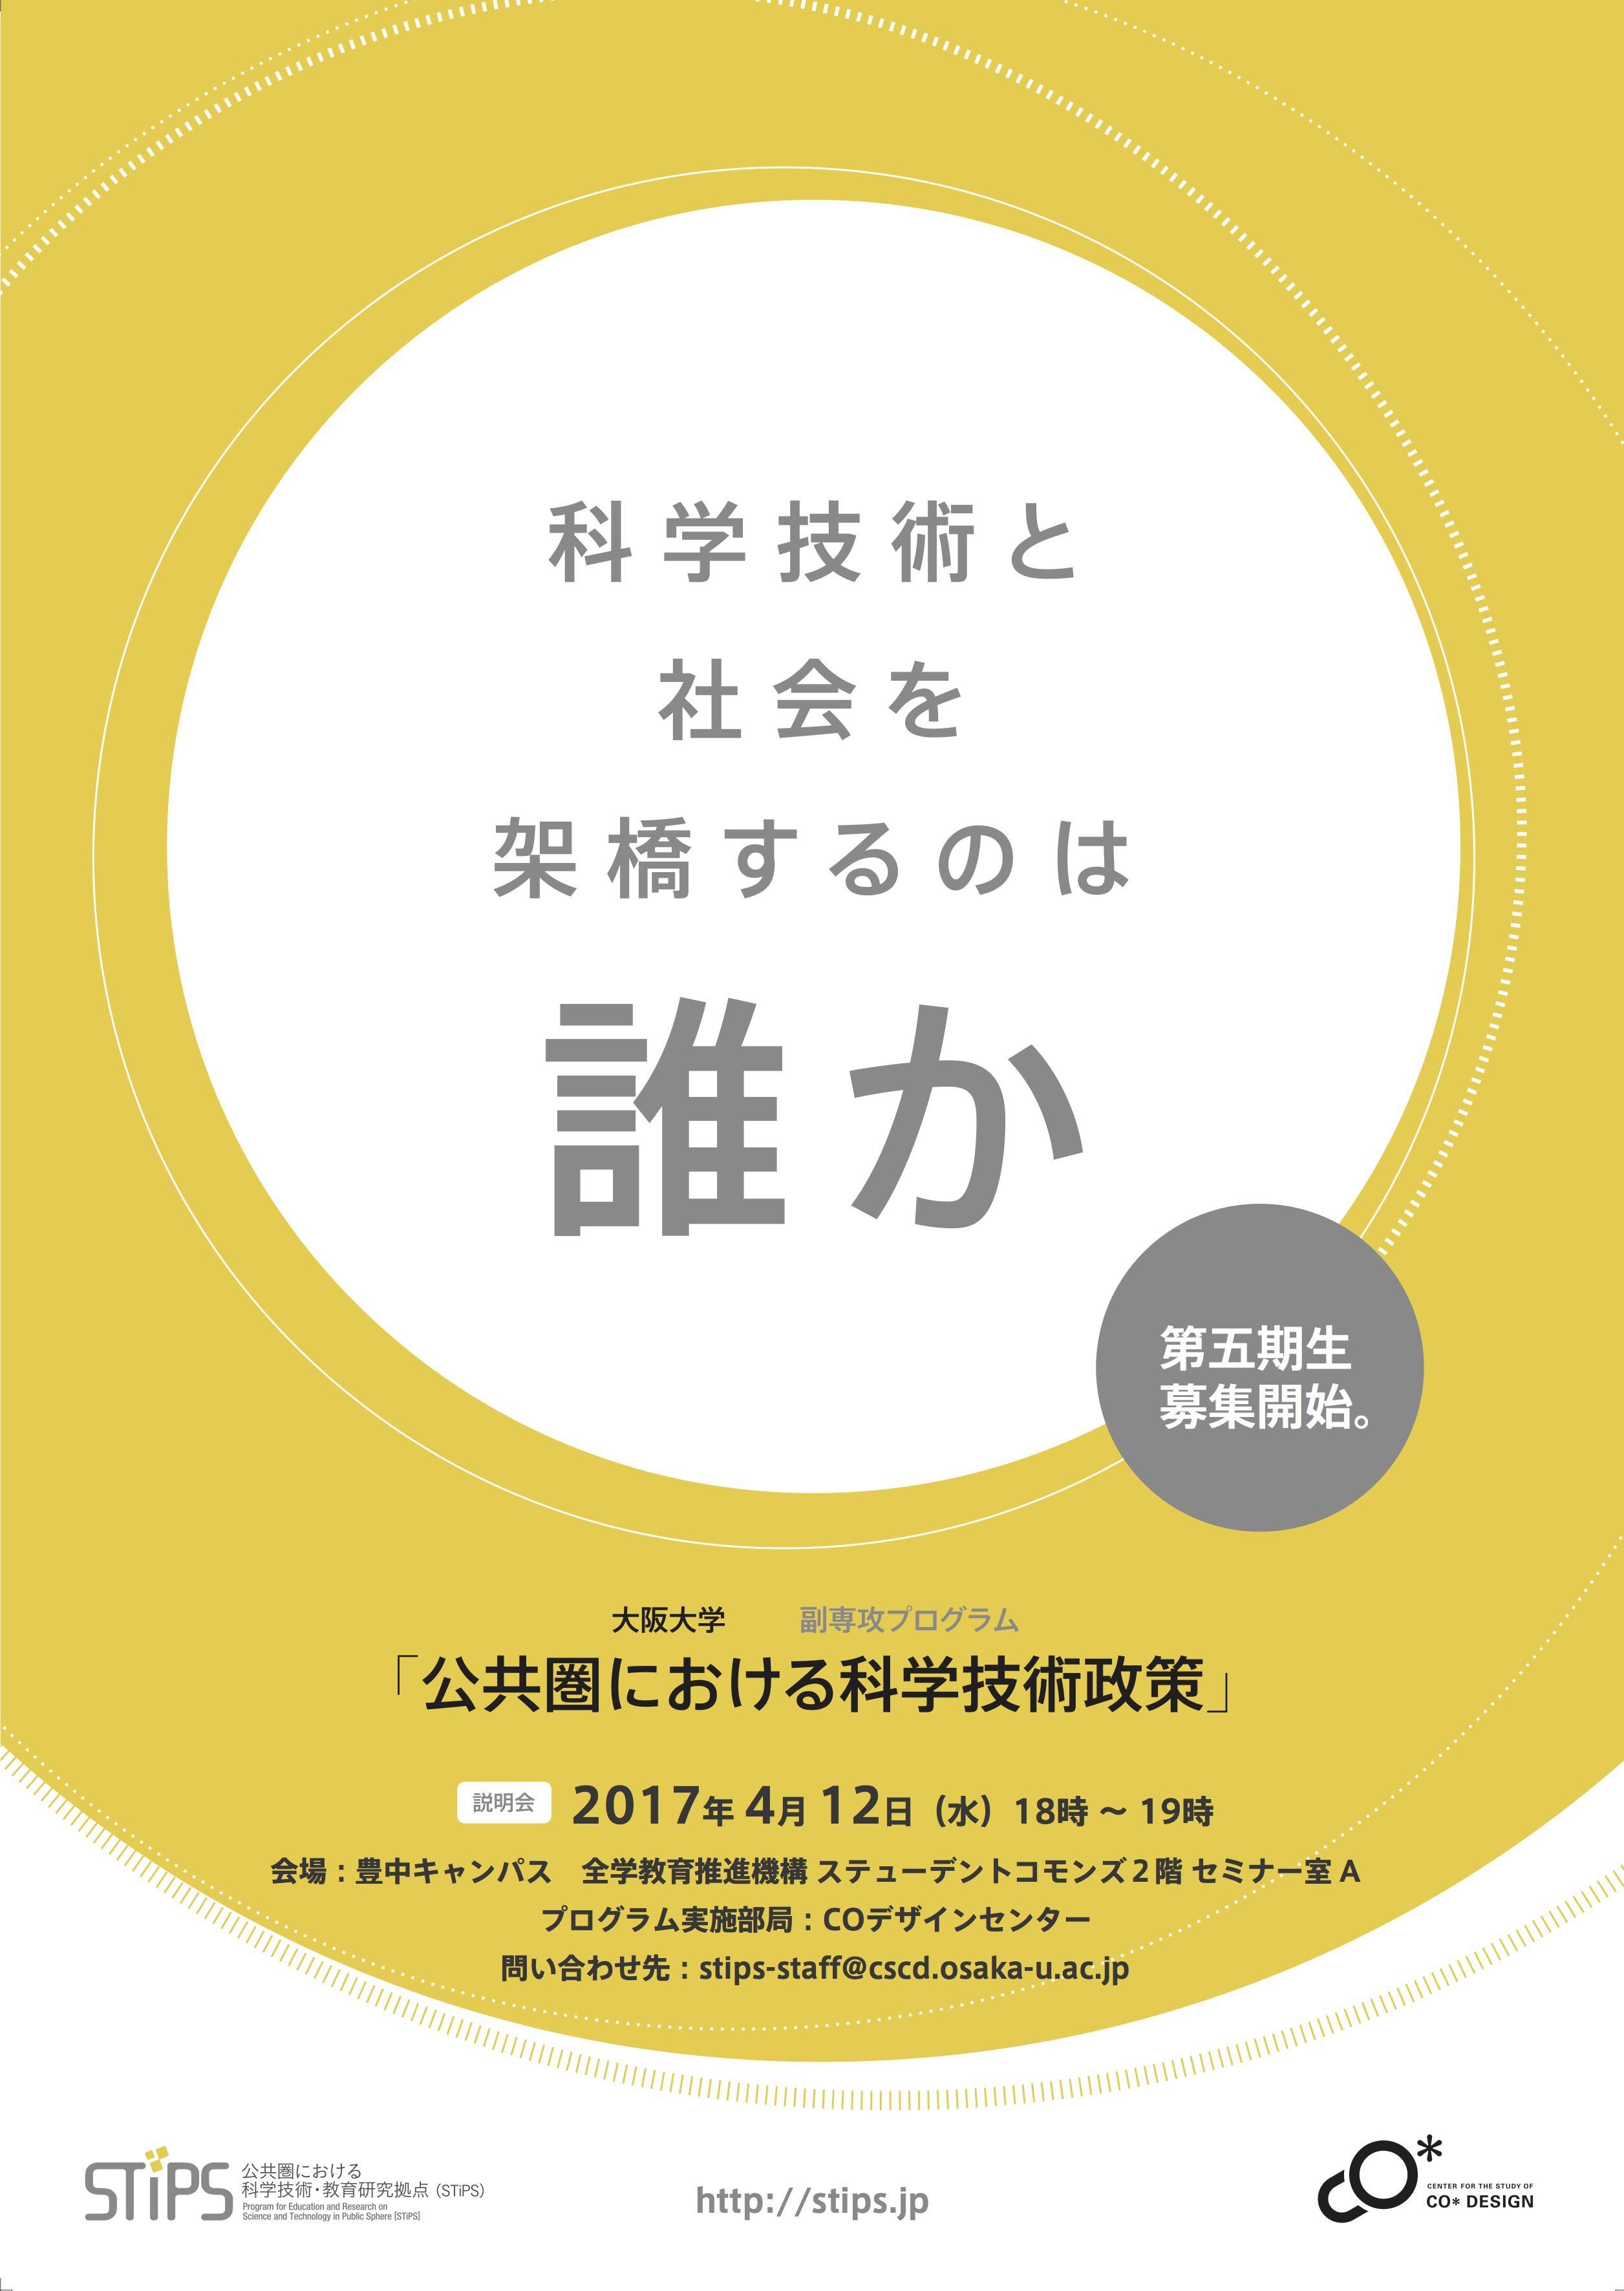 Poster_STiPSfor170412_170313.jpg